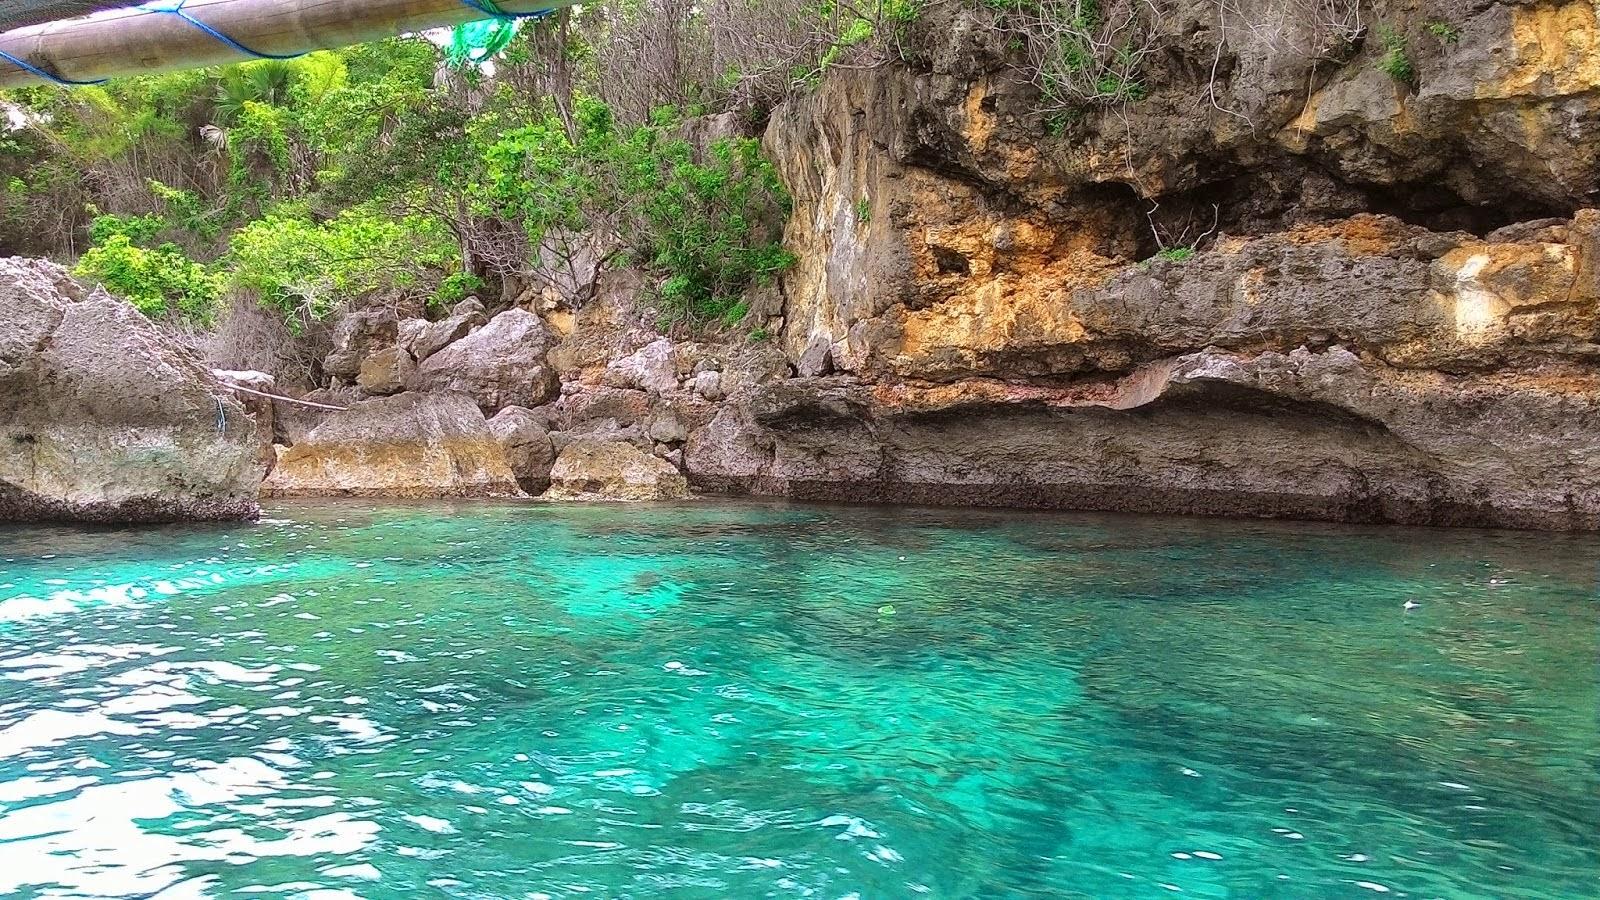 Wisata Terbaru Banyuwangi Teluk Biru Blue Bay Goophiee Surga Bagi